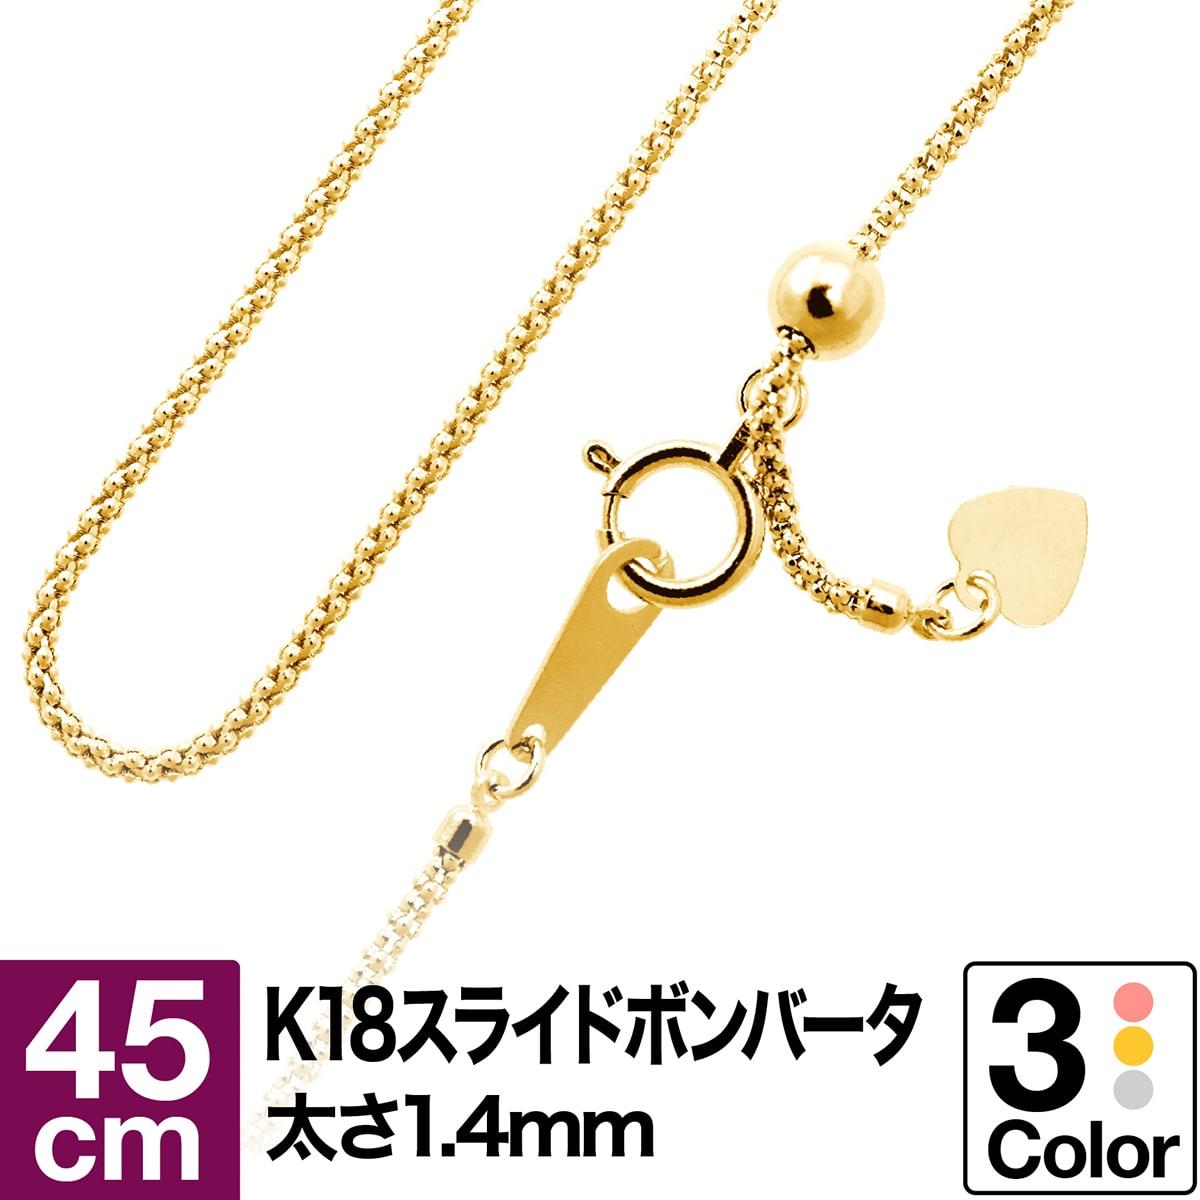 ネックレス チェーン ボンバータ スライドアジャスター k18 イエローゴールド/ホワイトゴールド/ピンクゴールド 長さ45cm 幅1.4mm 誕生日 ギフト